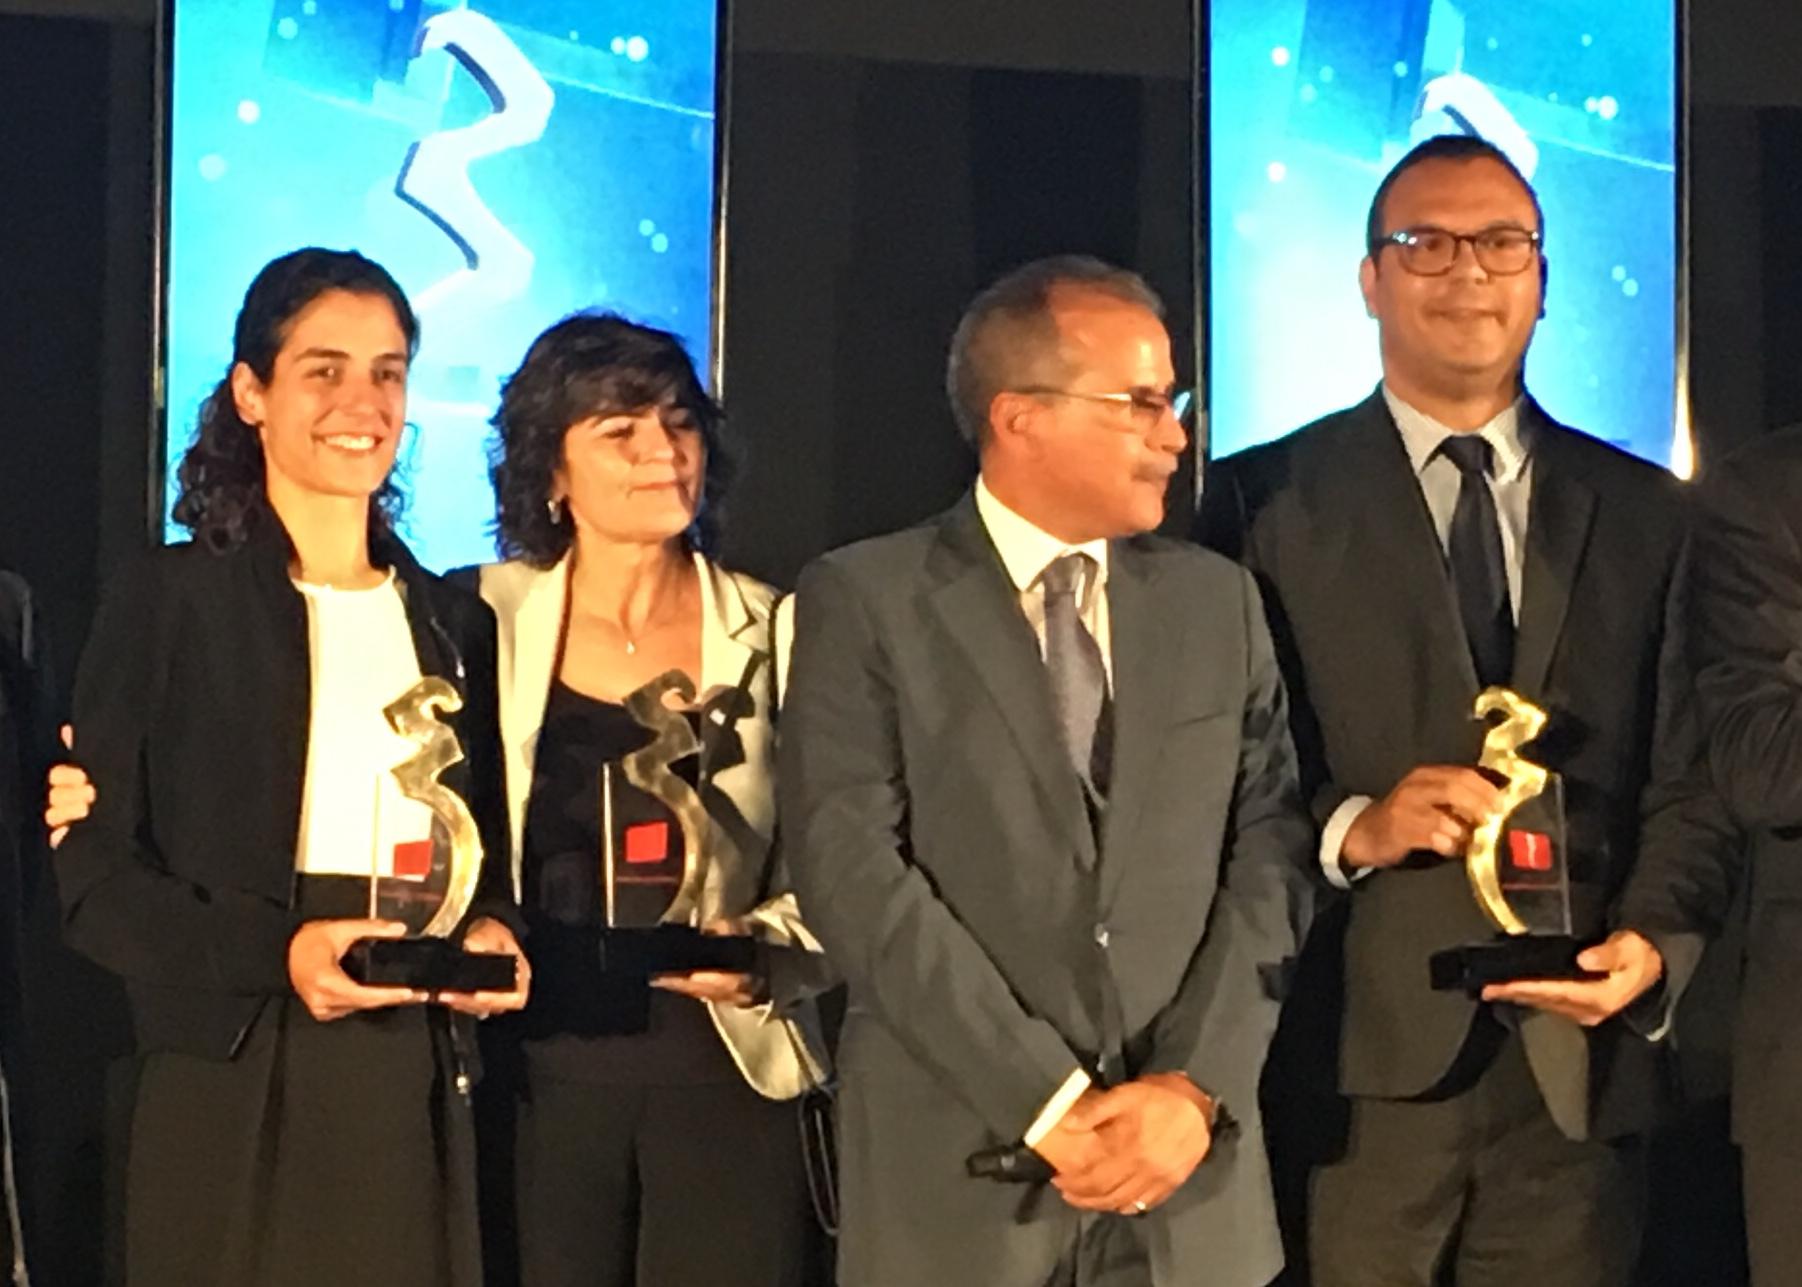 La Banque Populaire doublement distinguée lors des Morocco Awards 2017